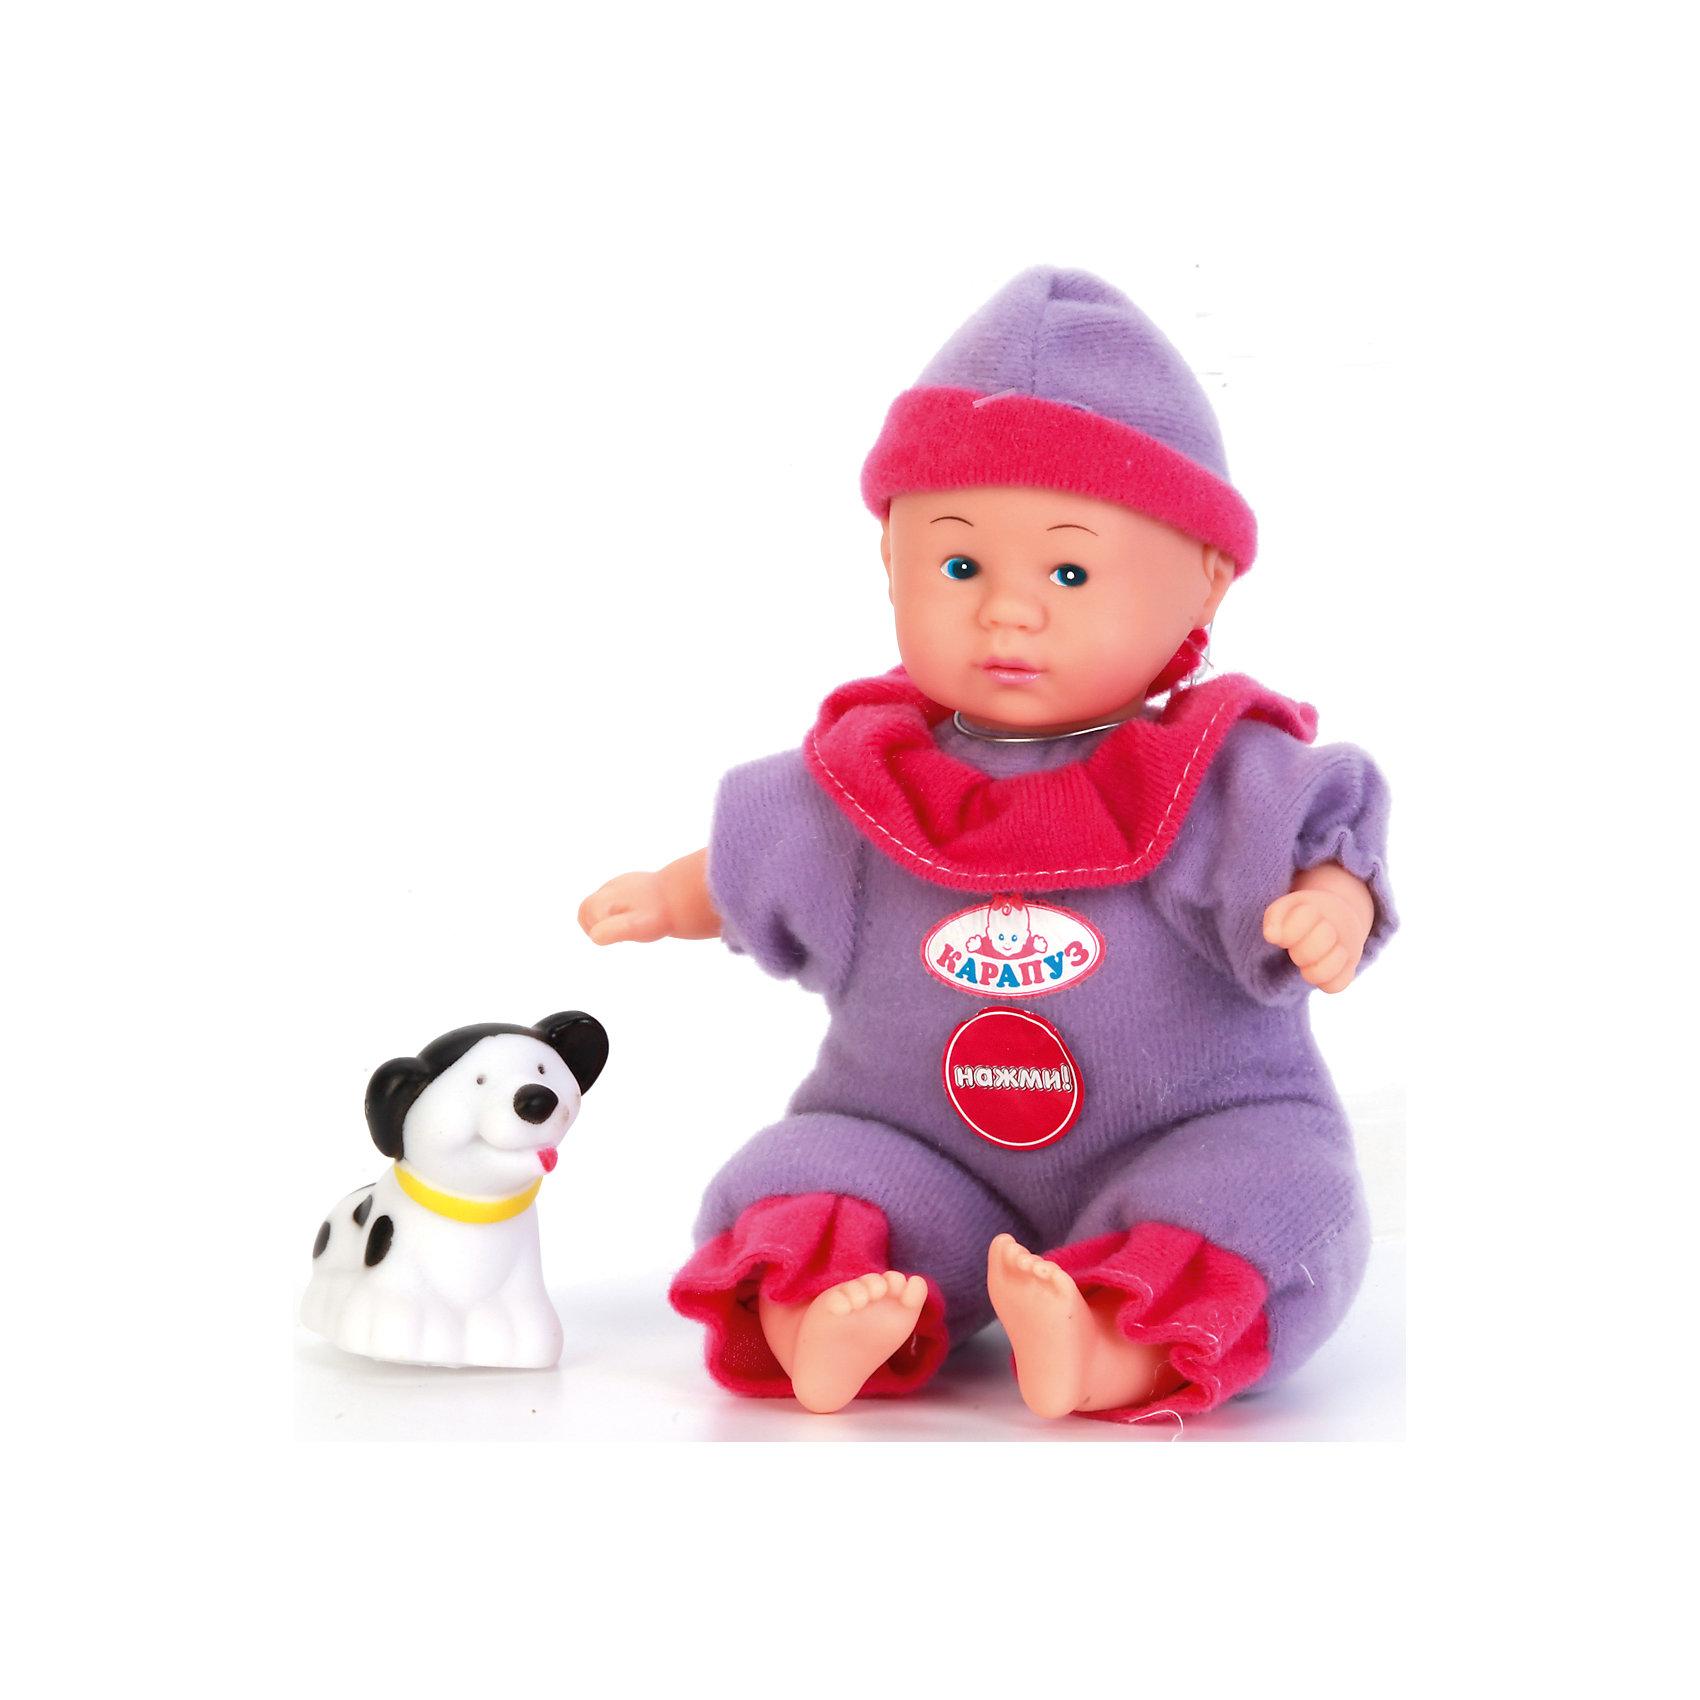 Пупс 20 см озвученный на батарейках, говорит 7 фраз, с аксессуарами, КарапузКуклы-пупсы<br>Красивый пупс станет не только любимой игрушкой девочек, а также и их вымышленным ребёнком, о котором можно заботиться. Кукла выглядит очень реалистично благодаря детально проработанным складочкам на теле и выразительным чертам лица. Игрушка озвучена, поэтому при нажатии на грудь она произносит одну из 7 фраз. У пупса подвижные части тела (голова, ноги, руки), поэтому его можно сажать на стульчик или класть в корзинку с пелёнкой, которая предусмотрена в комплекте.<br><br>Ширина мм: 52<br>Глубина мм: 43<br>Высота мм: 71<br>Вес г: 250<br>Возраст от месяцев: 36<br>Возраст до месяцев: 60<br>Пол: Женский<br>Возраст: Детский<br>SKU: 6863991